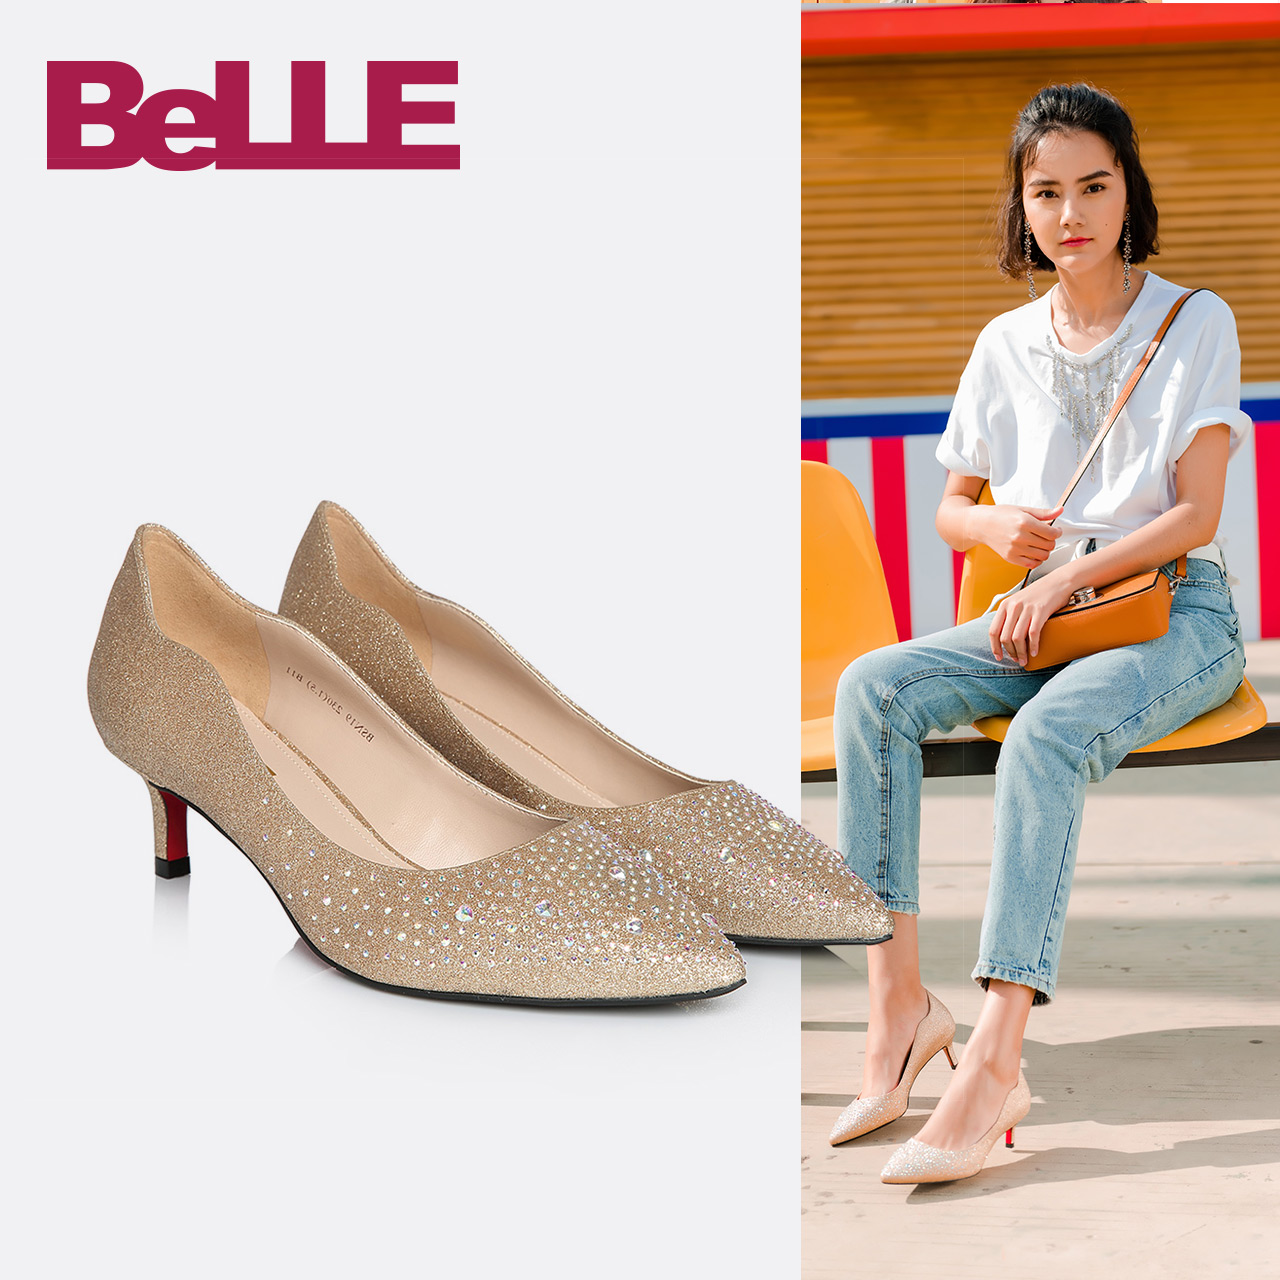 Belle-百丽2018春细跟商场同款亮片布闪钻尖头女单鞋BSN19AQ8